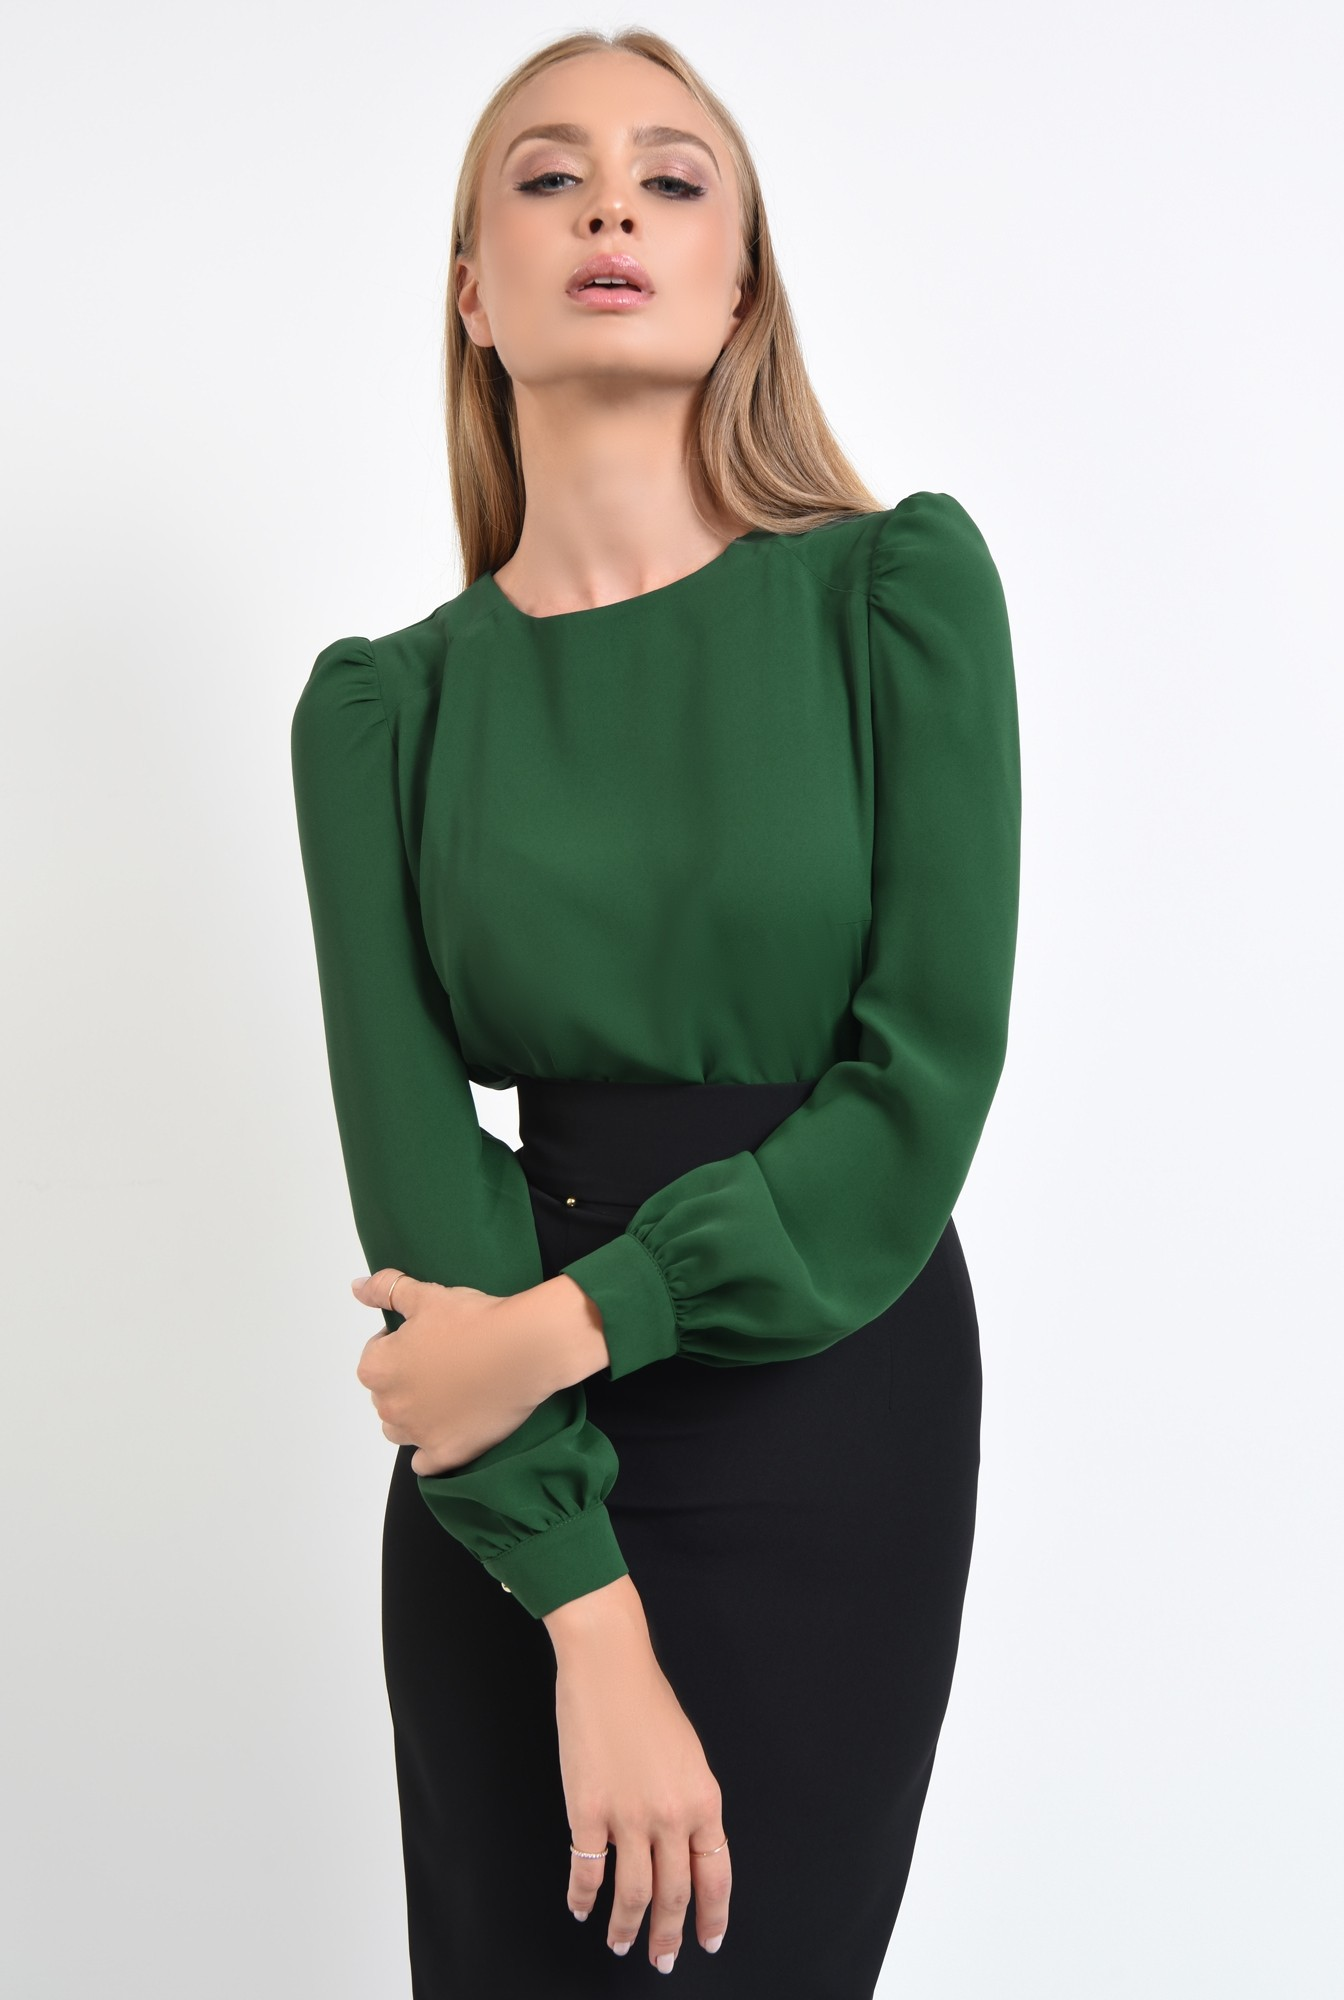 2 - 360 - bluza verde, de zi, maneci bufante, spate cu platca, pliuri, decolteu la baza gatului